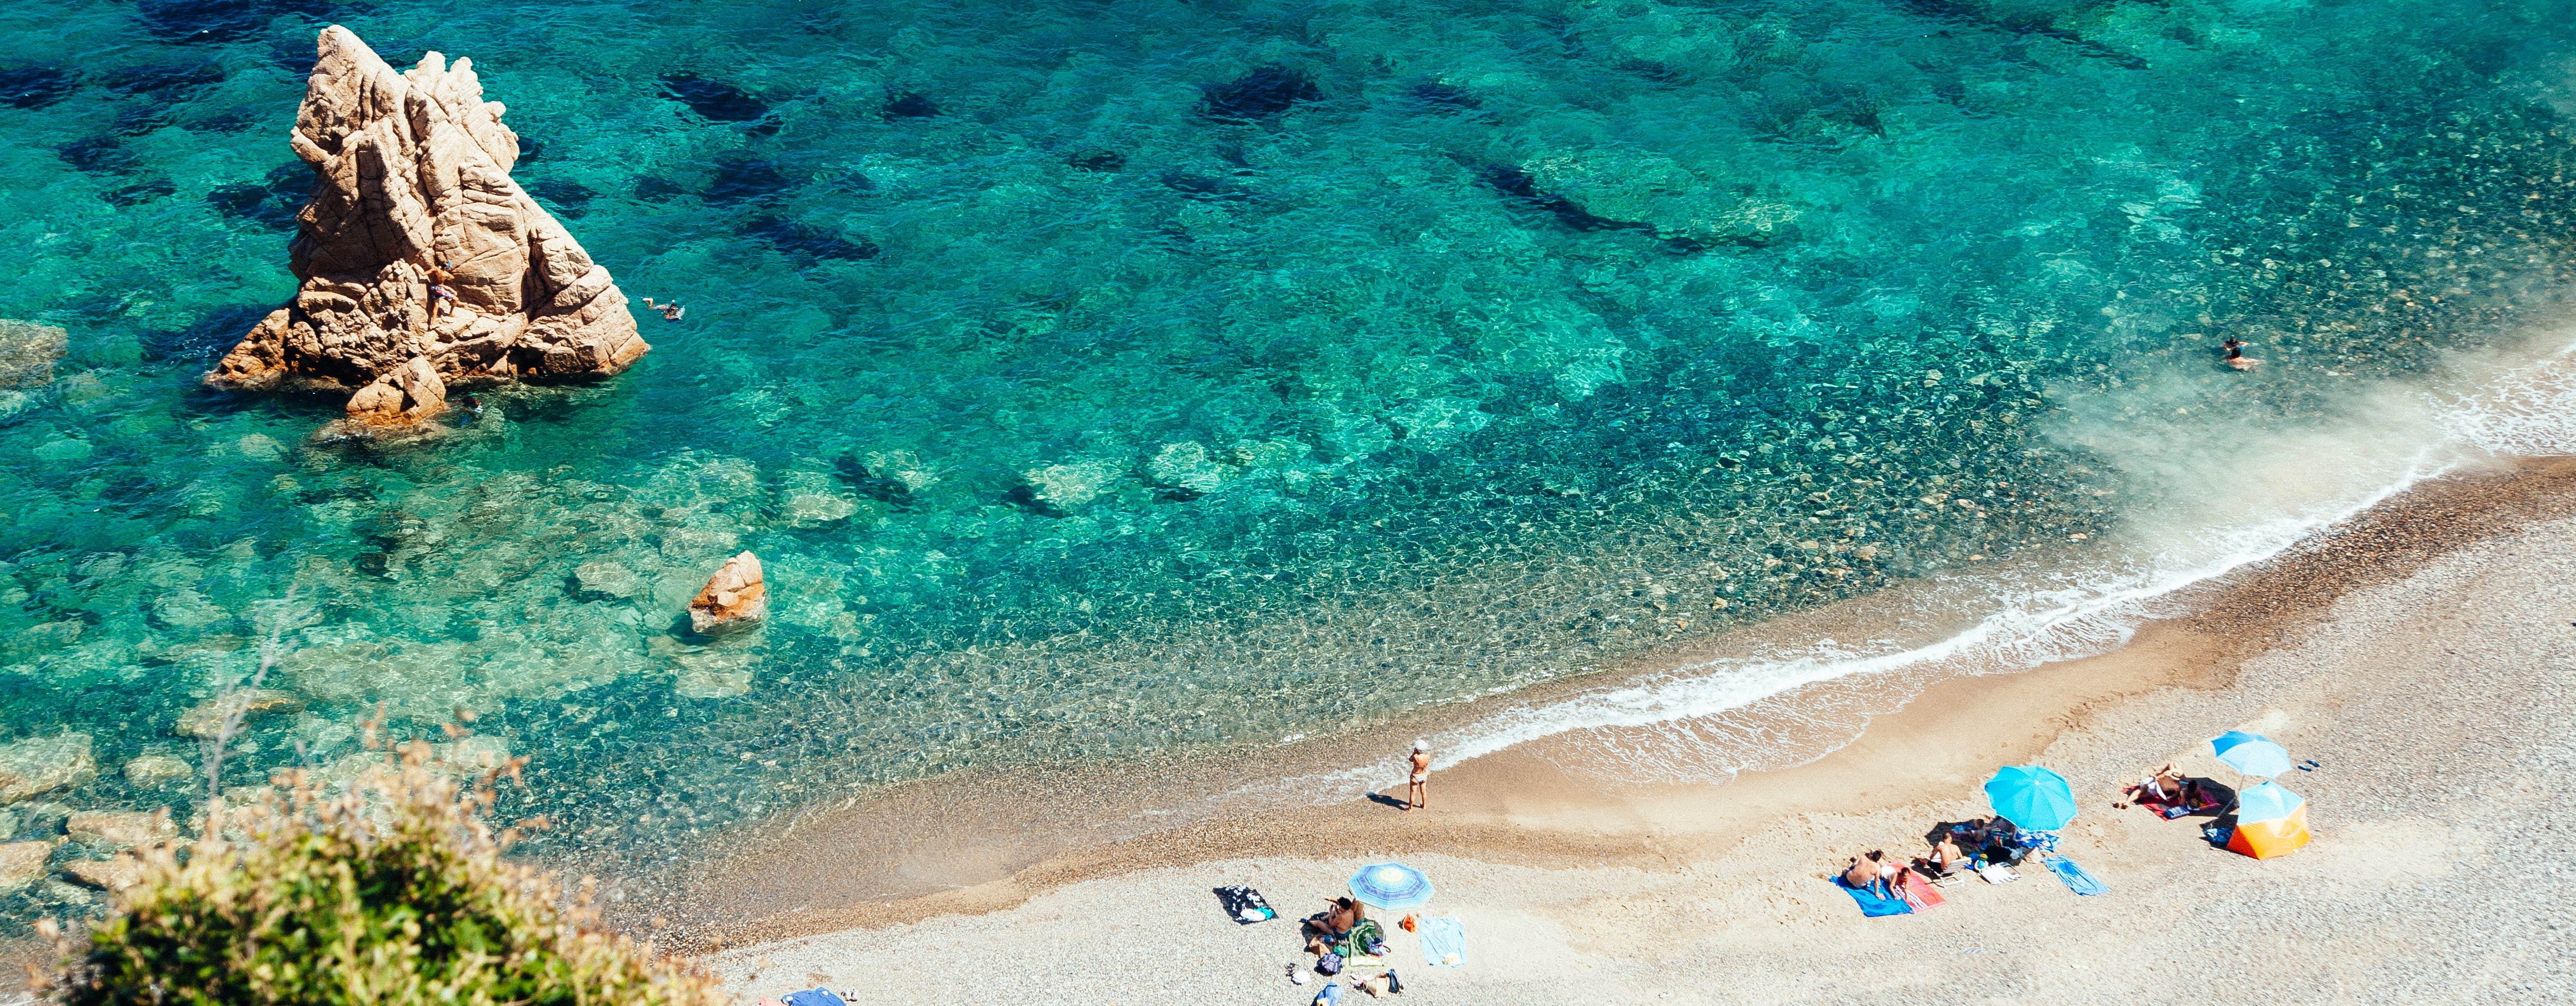 Costa Paradiso Sardegna Cartina Geografica.Costa Paradiso Sardegna Informazioni Come Arrivare Meteo Fotografie Spiagge Itinerarienti